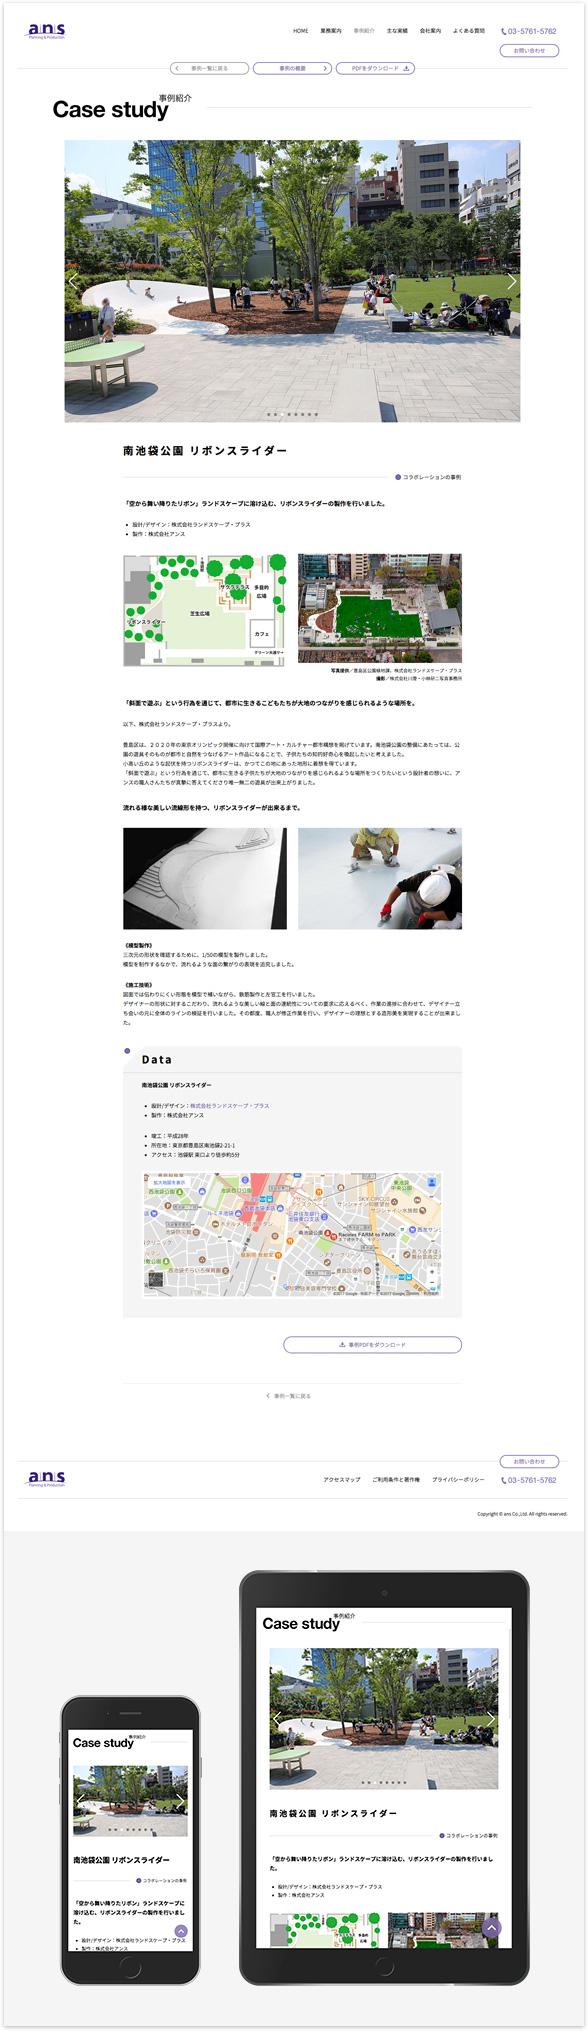 事例紹介詳細ページ